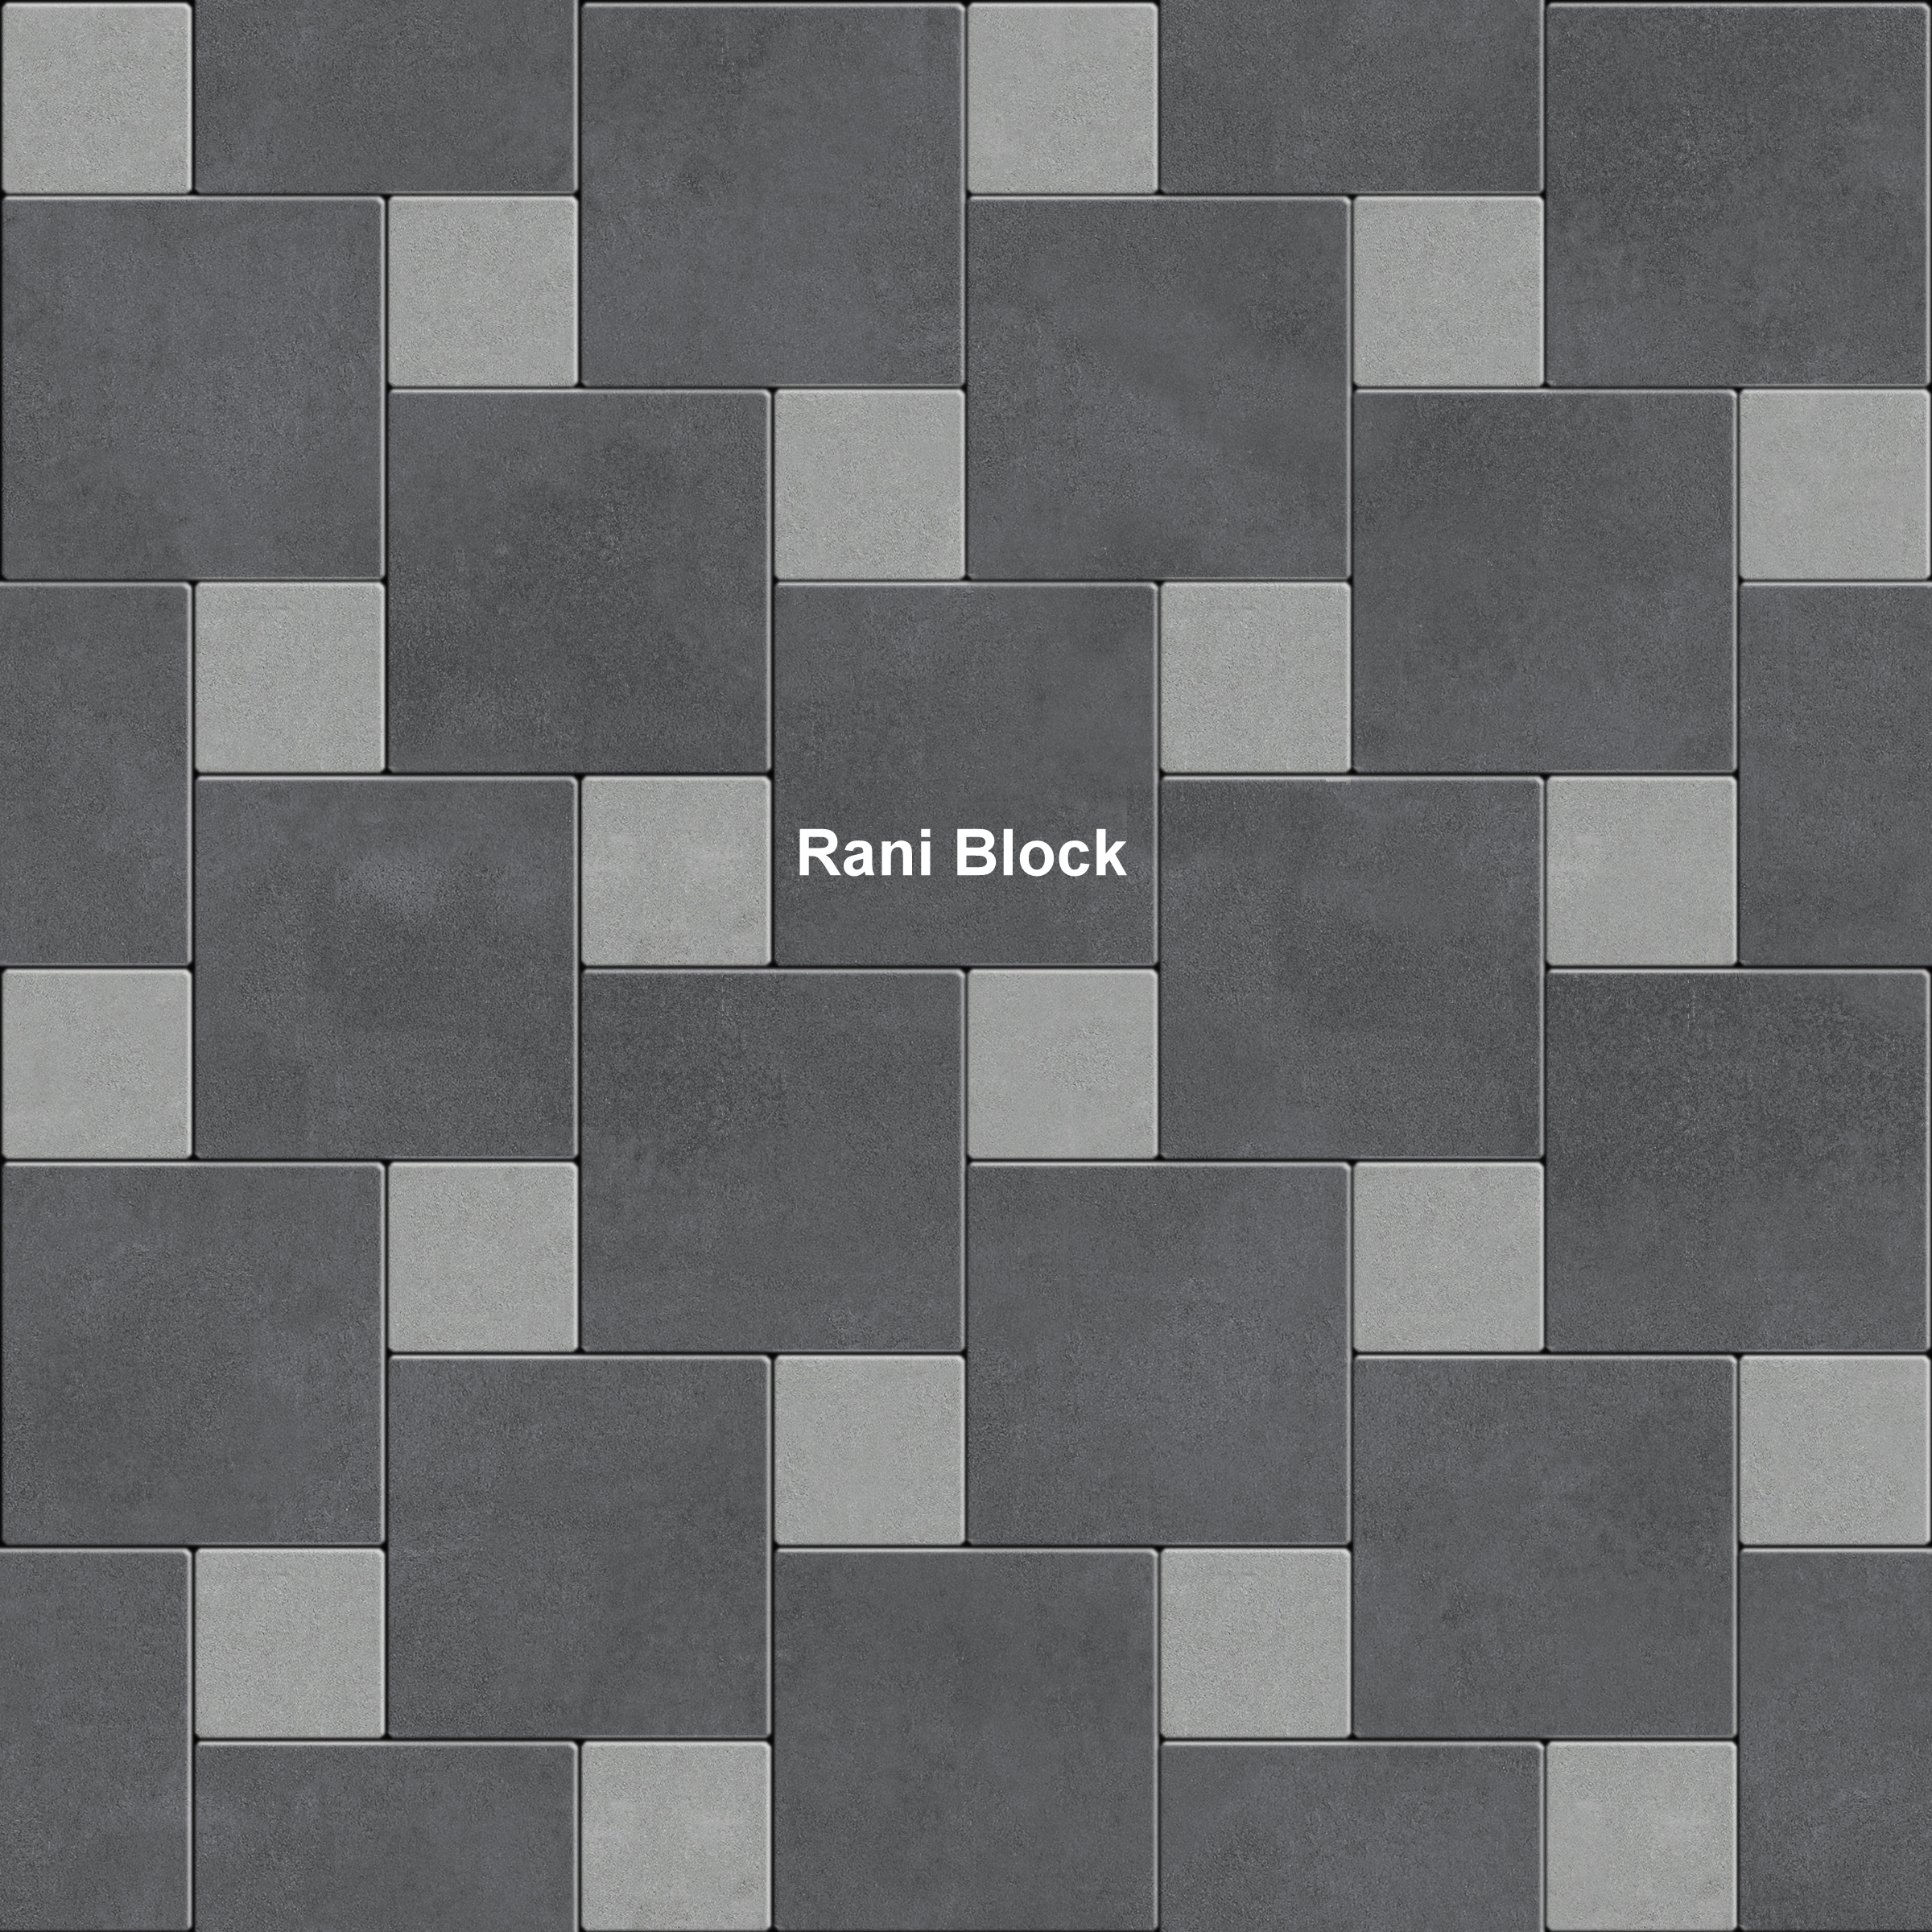 Desain pemasangan paving block